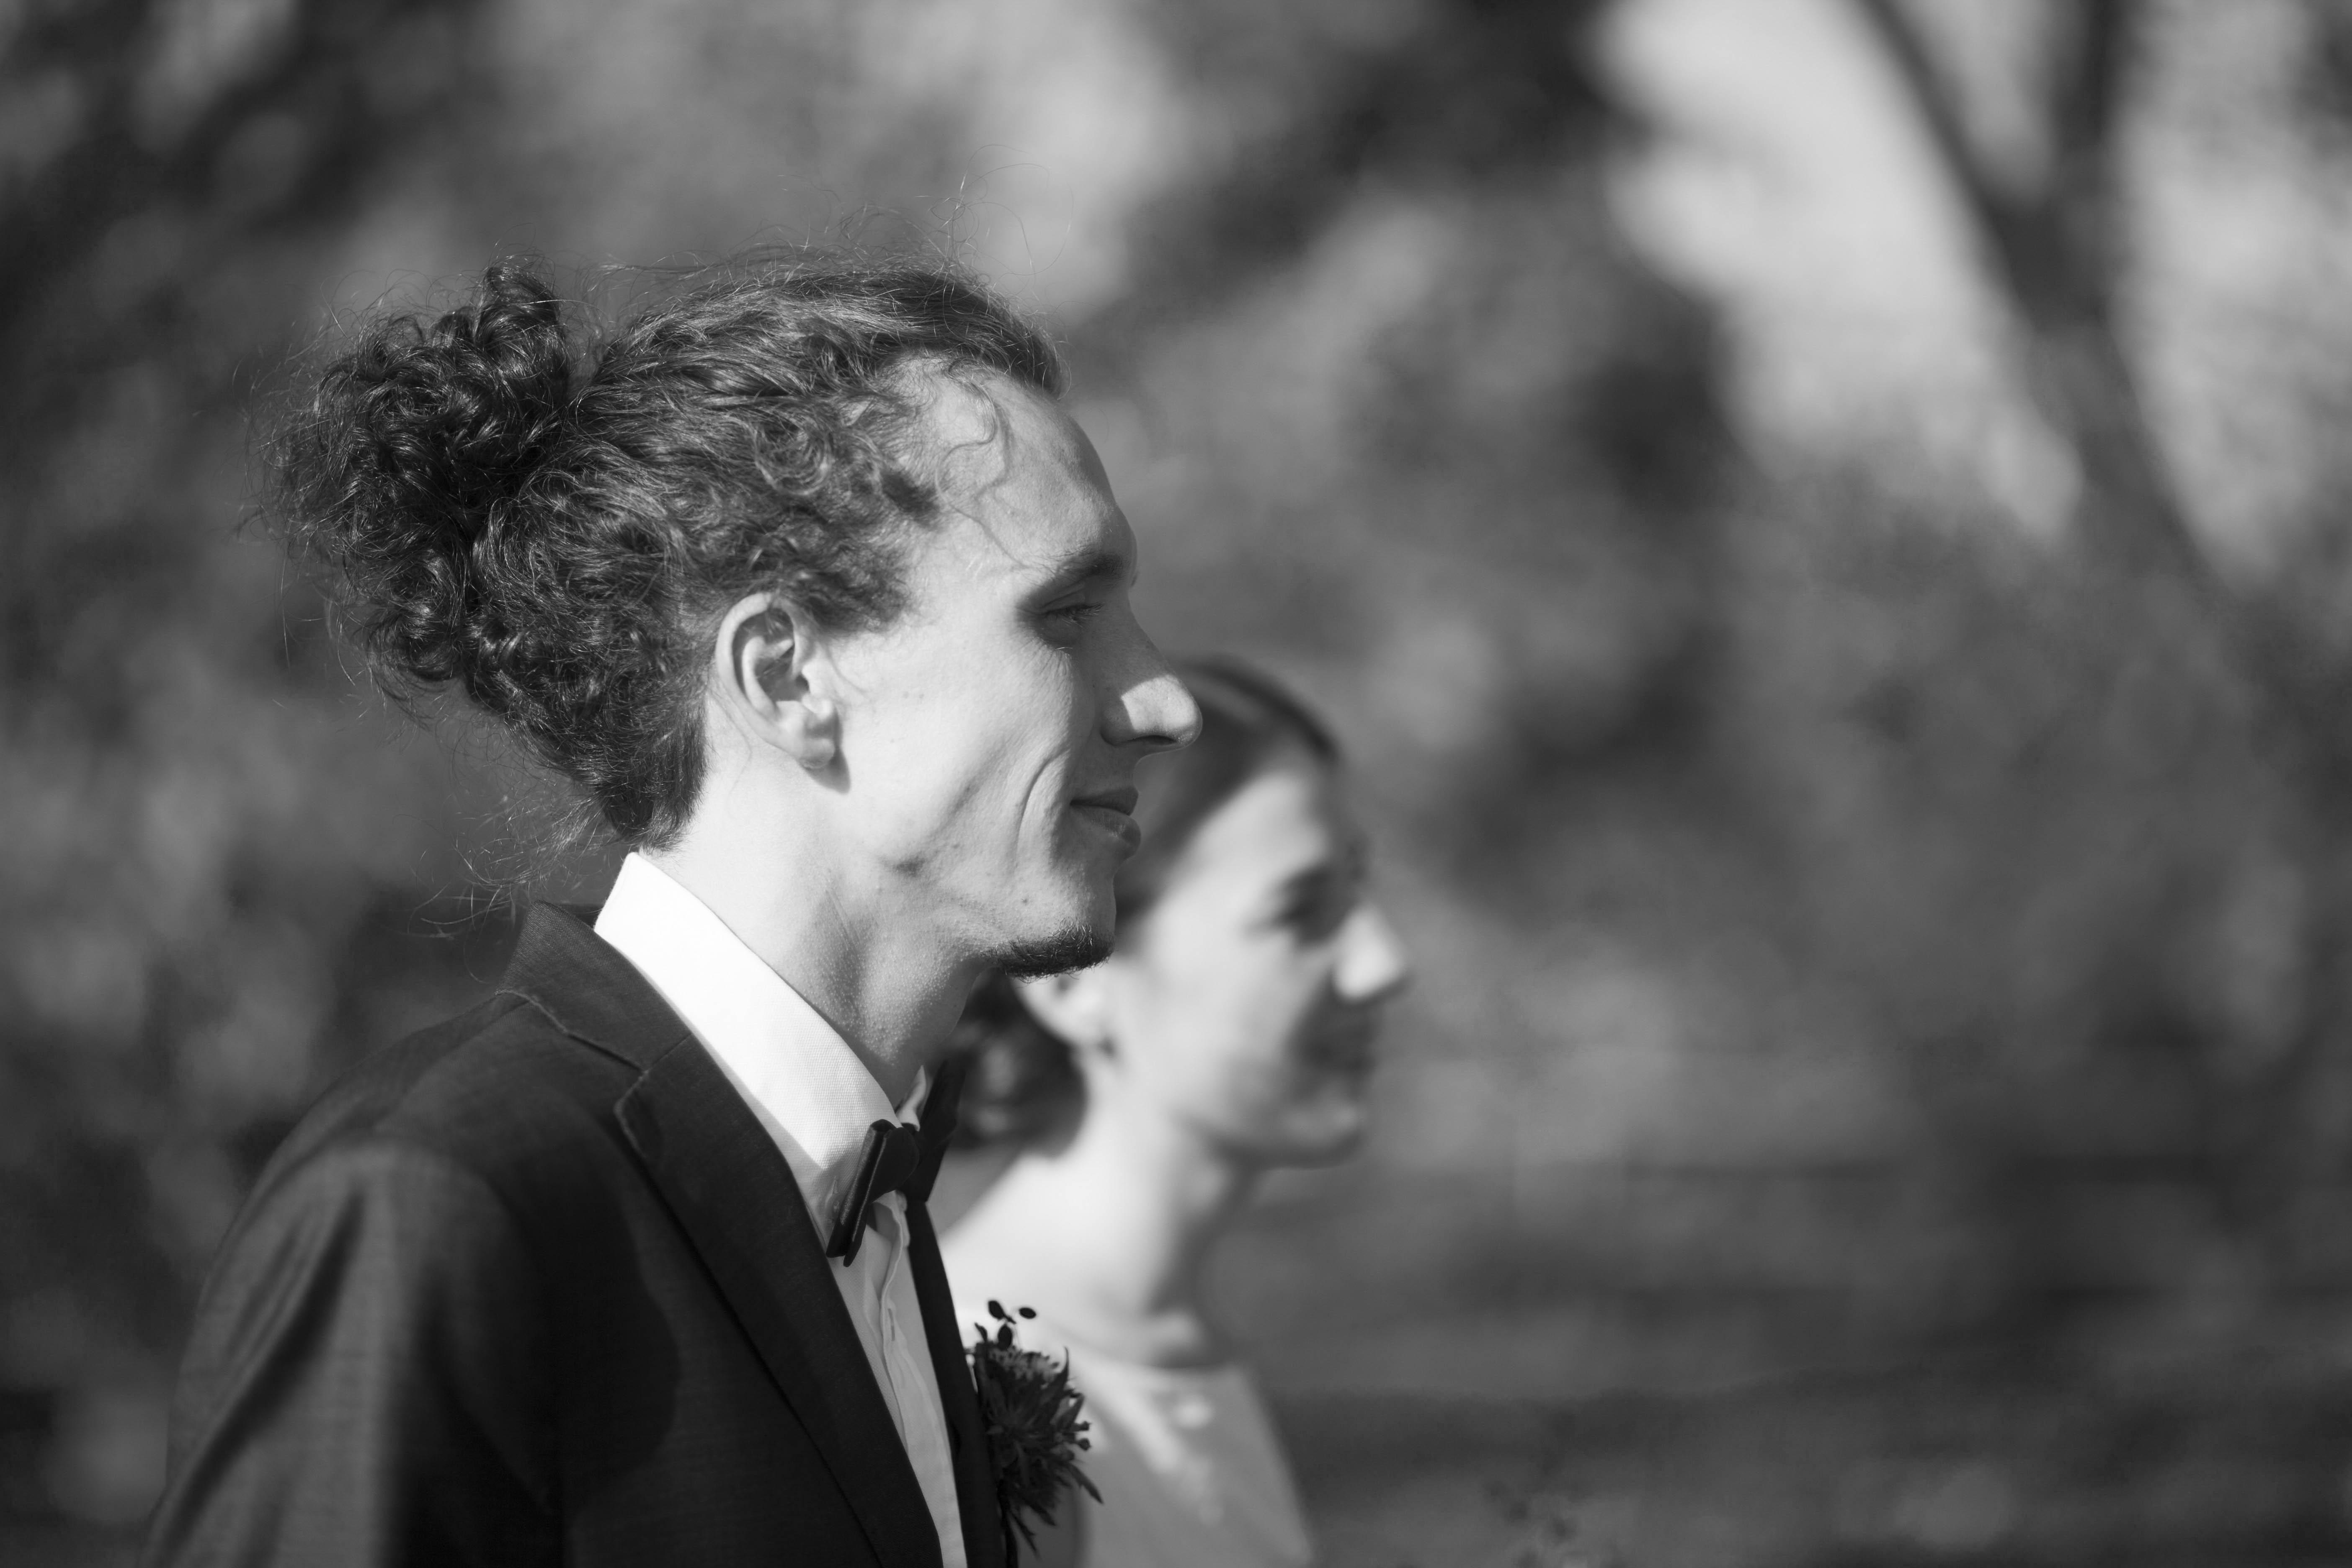 HochzeitsreportageLeipzig8